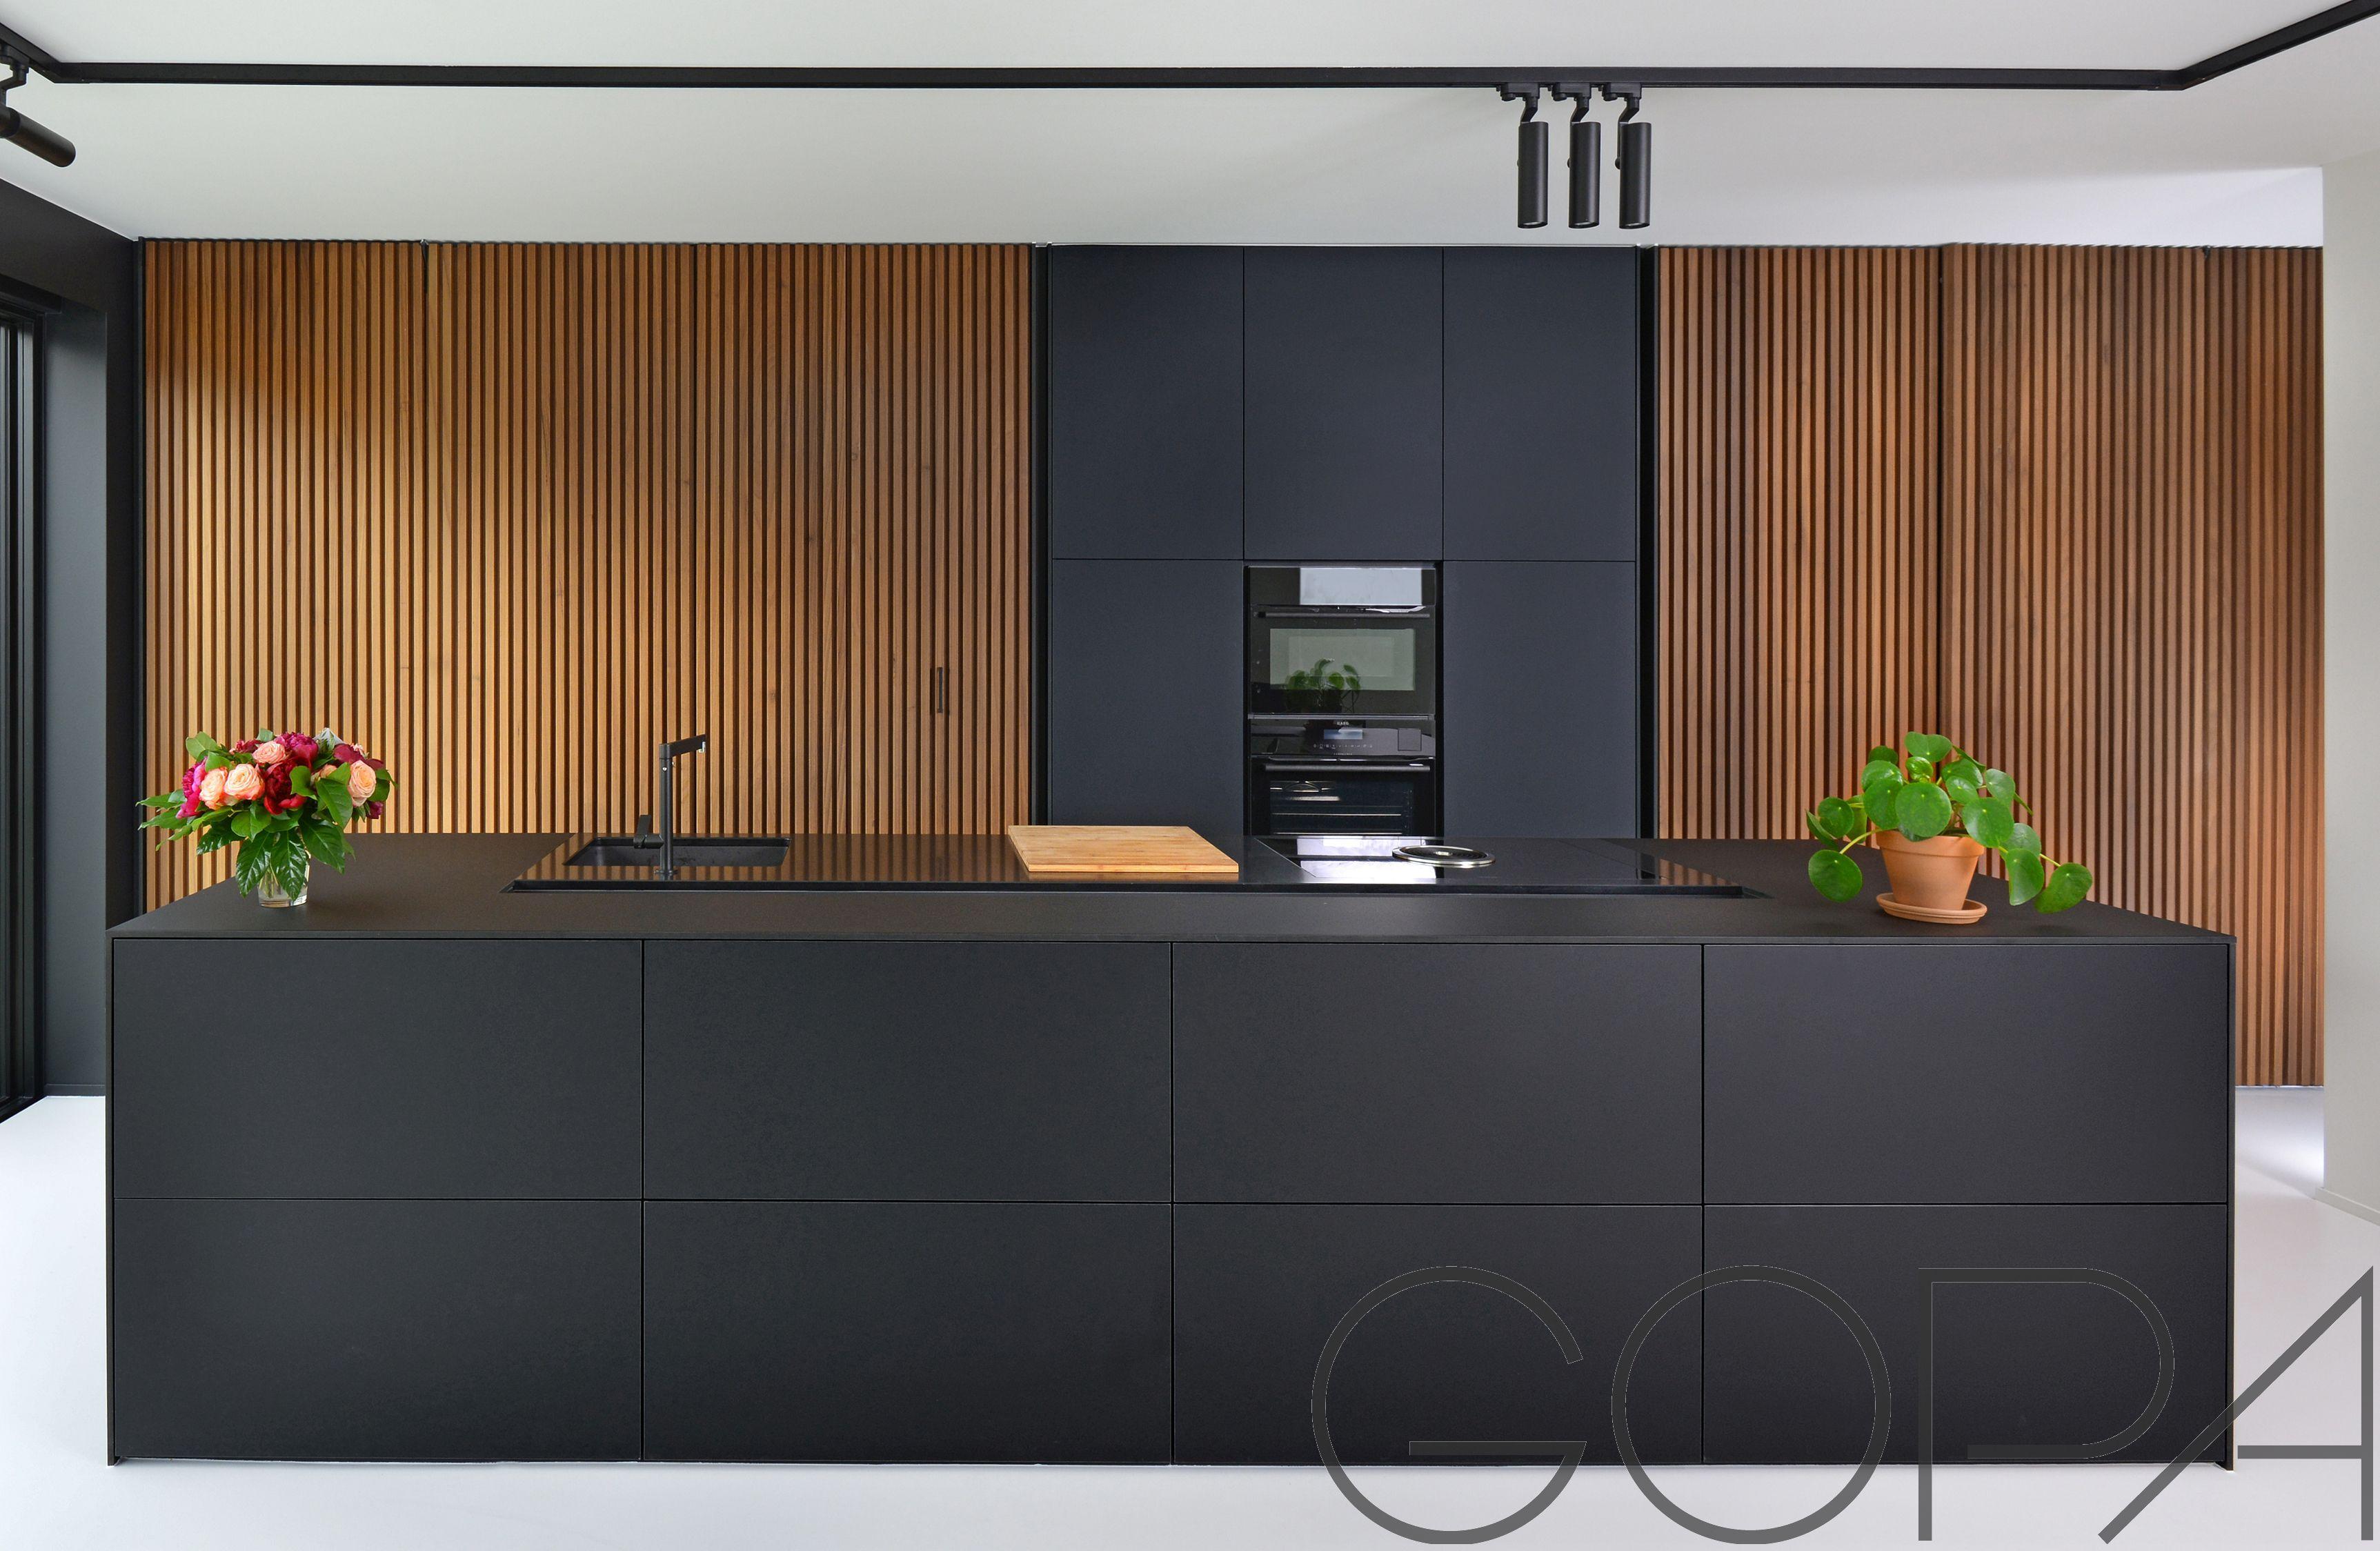 Mat zwarte keuken met volkern vanea fenix werkblad dream